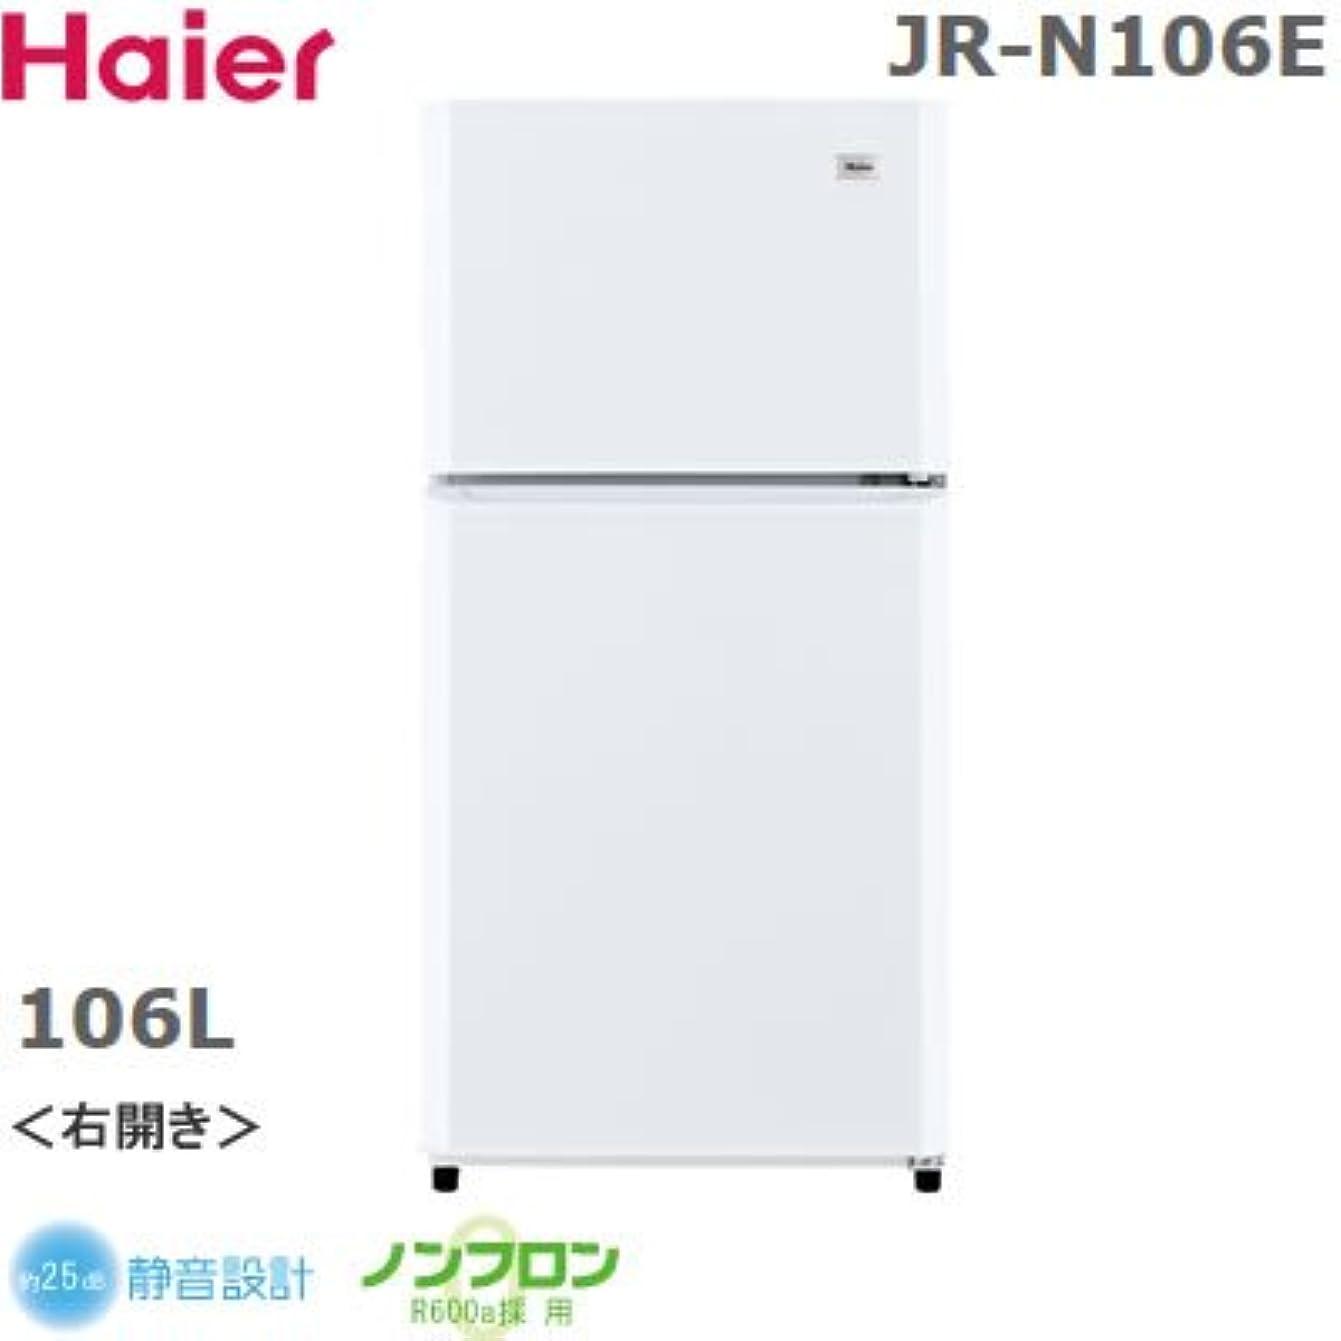 怒るミトン毎回ハイアール 106L 2ドア冷蔵庫(ホワイト)Haier JR-N106E-W